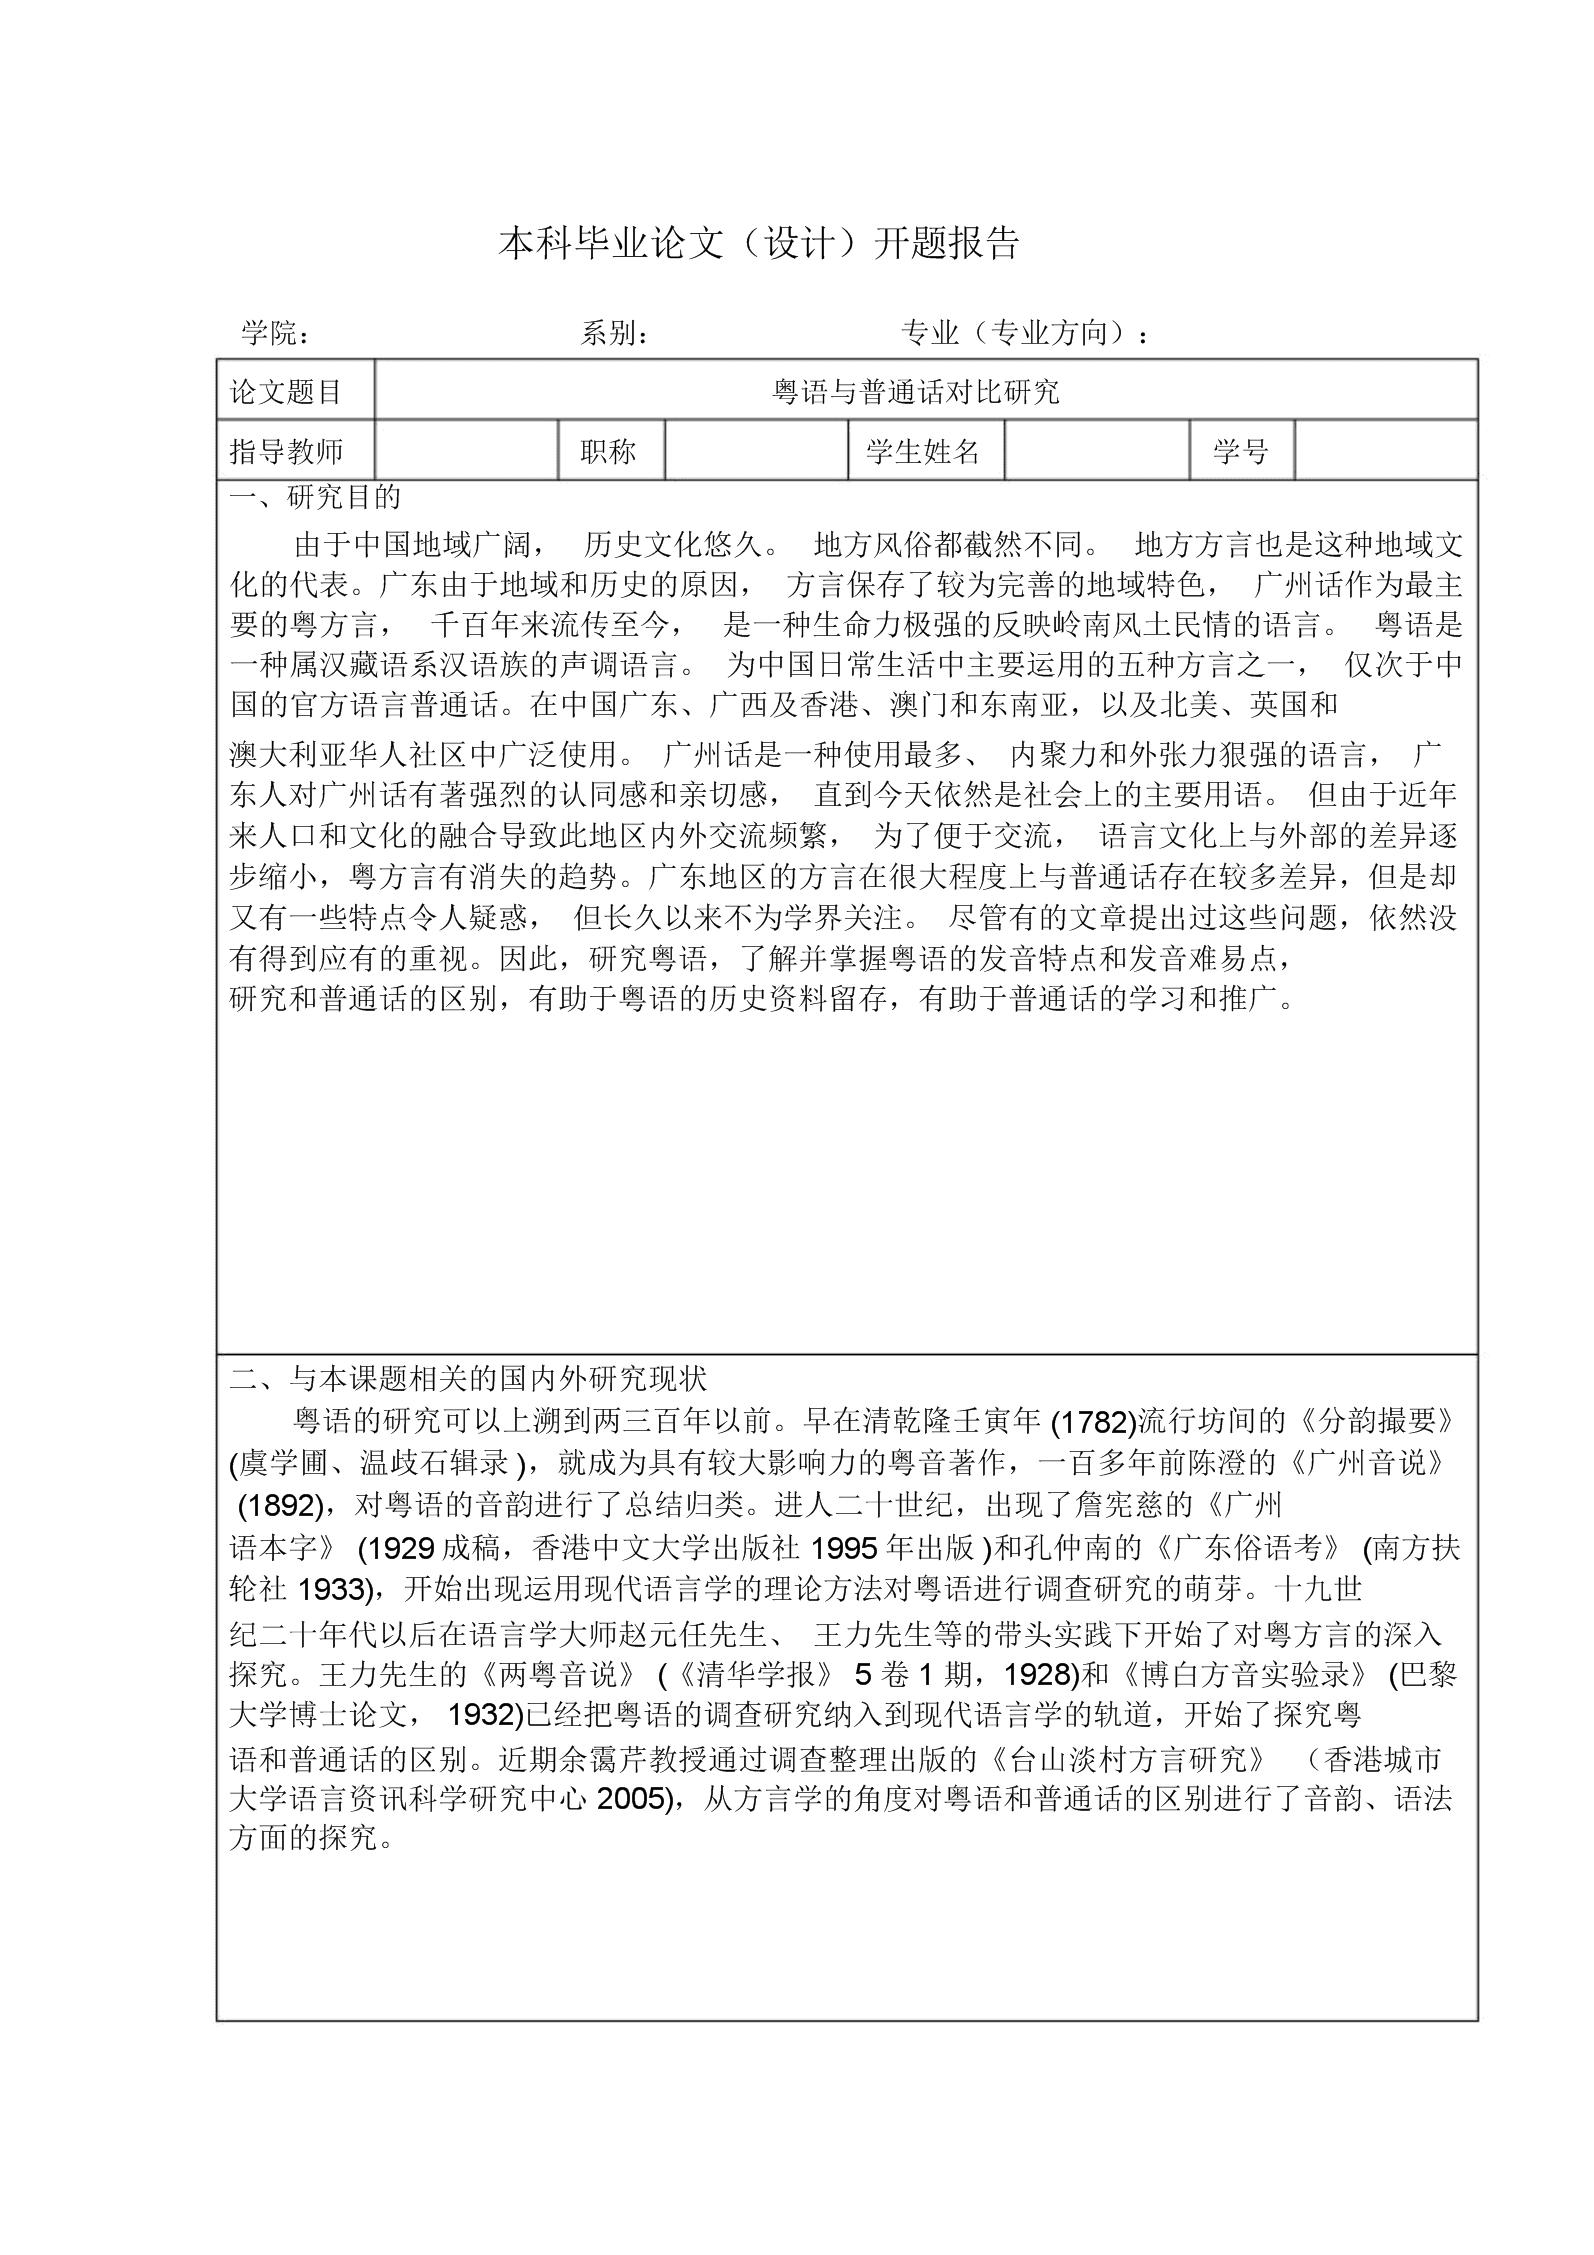 粤语与普通话对比研究开题报告.docx